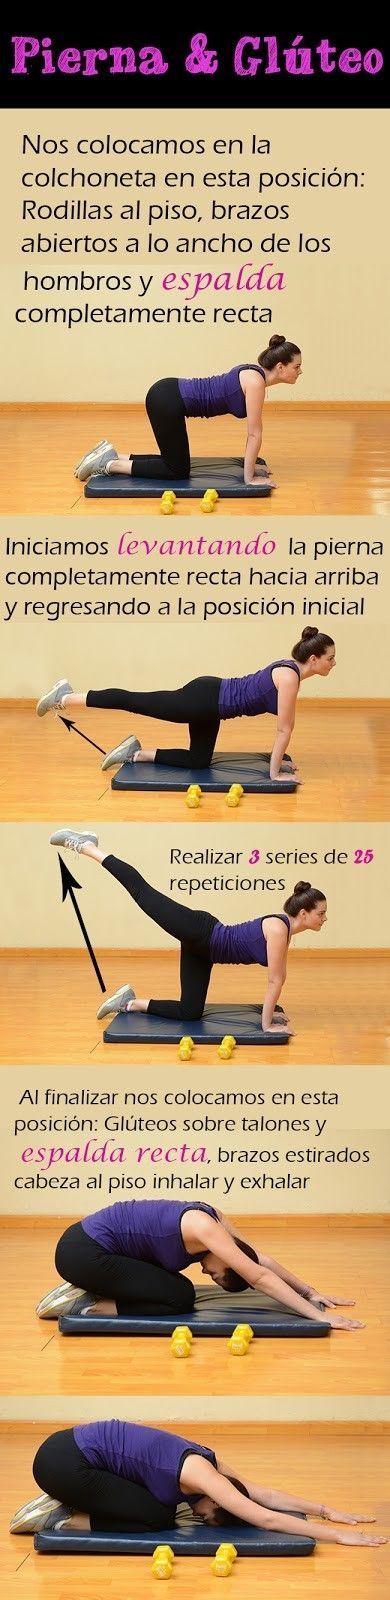 Si quieres darle fuerza y forma a tus piernas y glúteos, te recomendamos este workout. Rápido y efectivo. #Fitness #pierna #glúteo #ejercicio #health #Workout